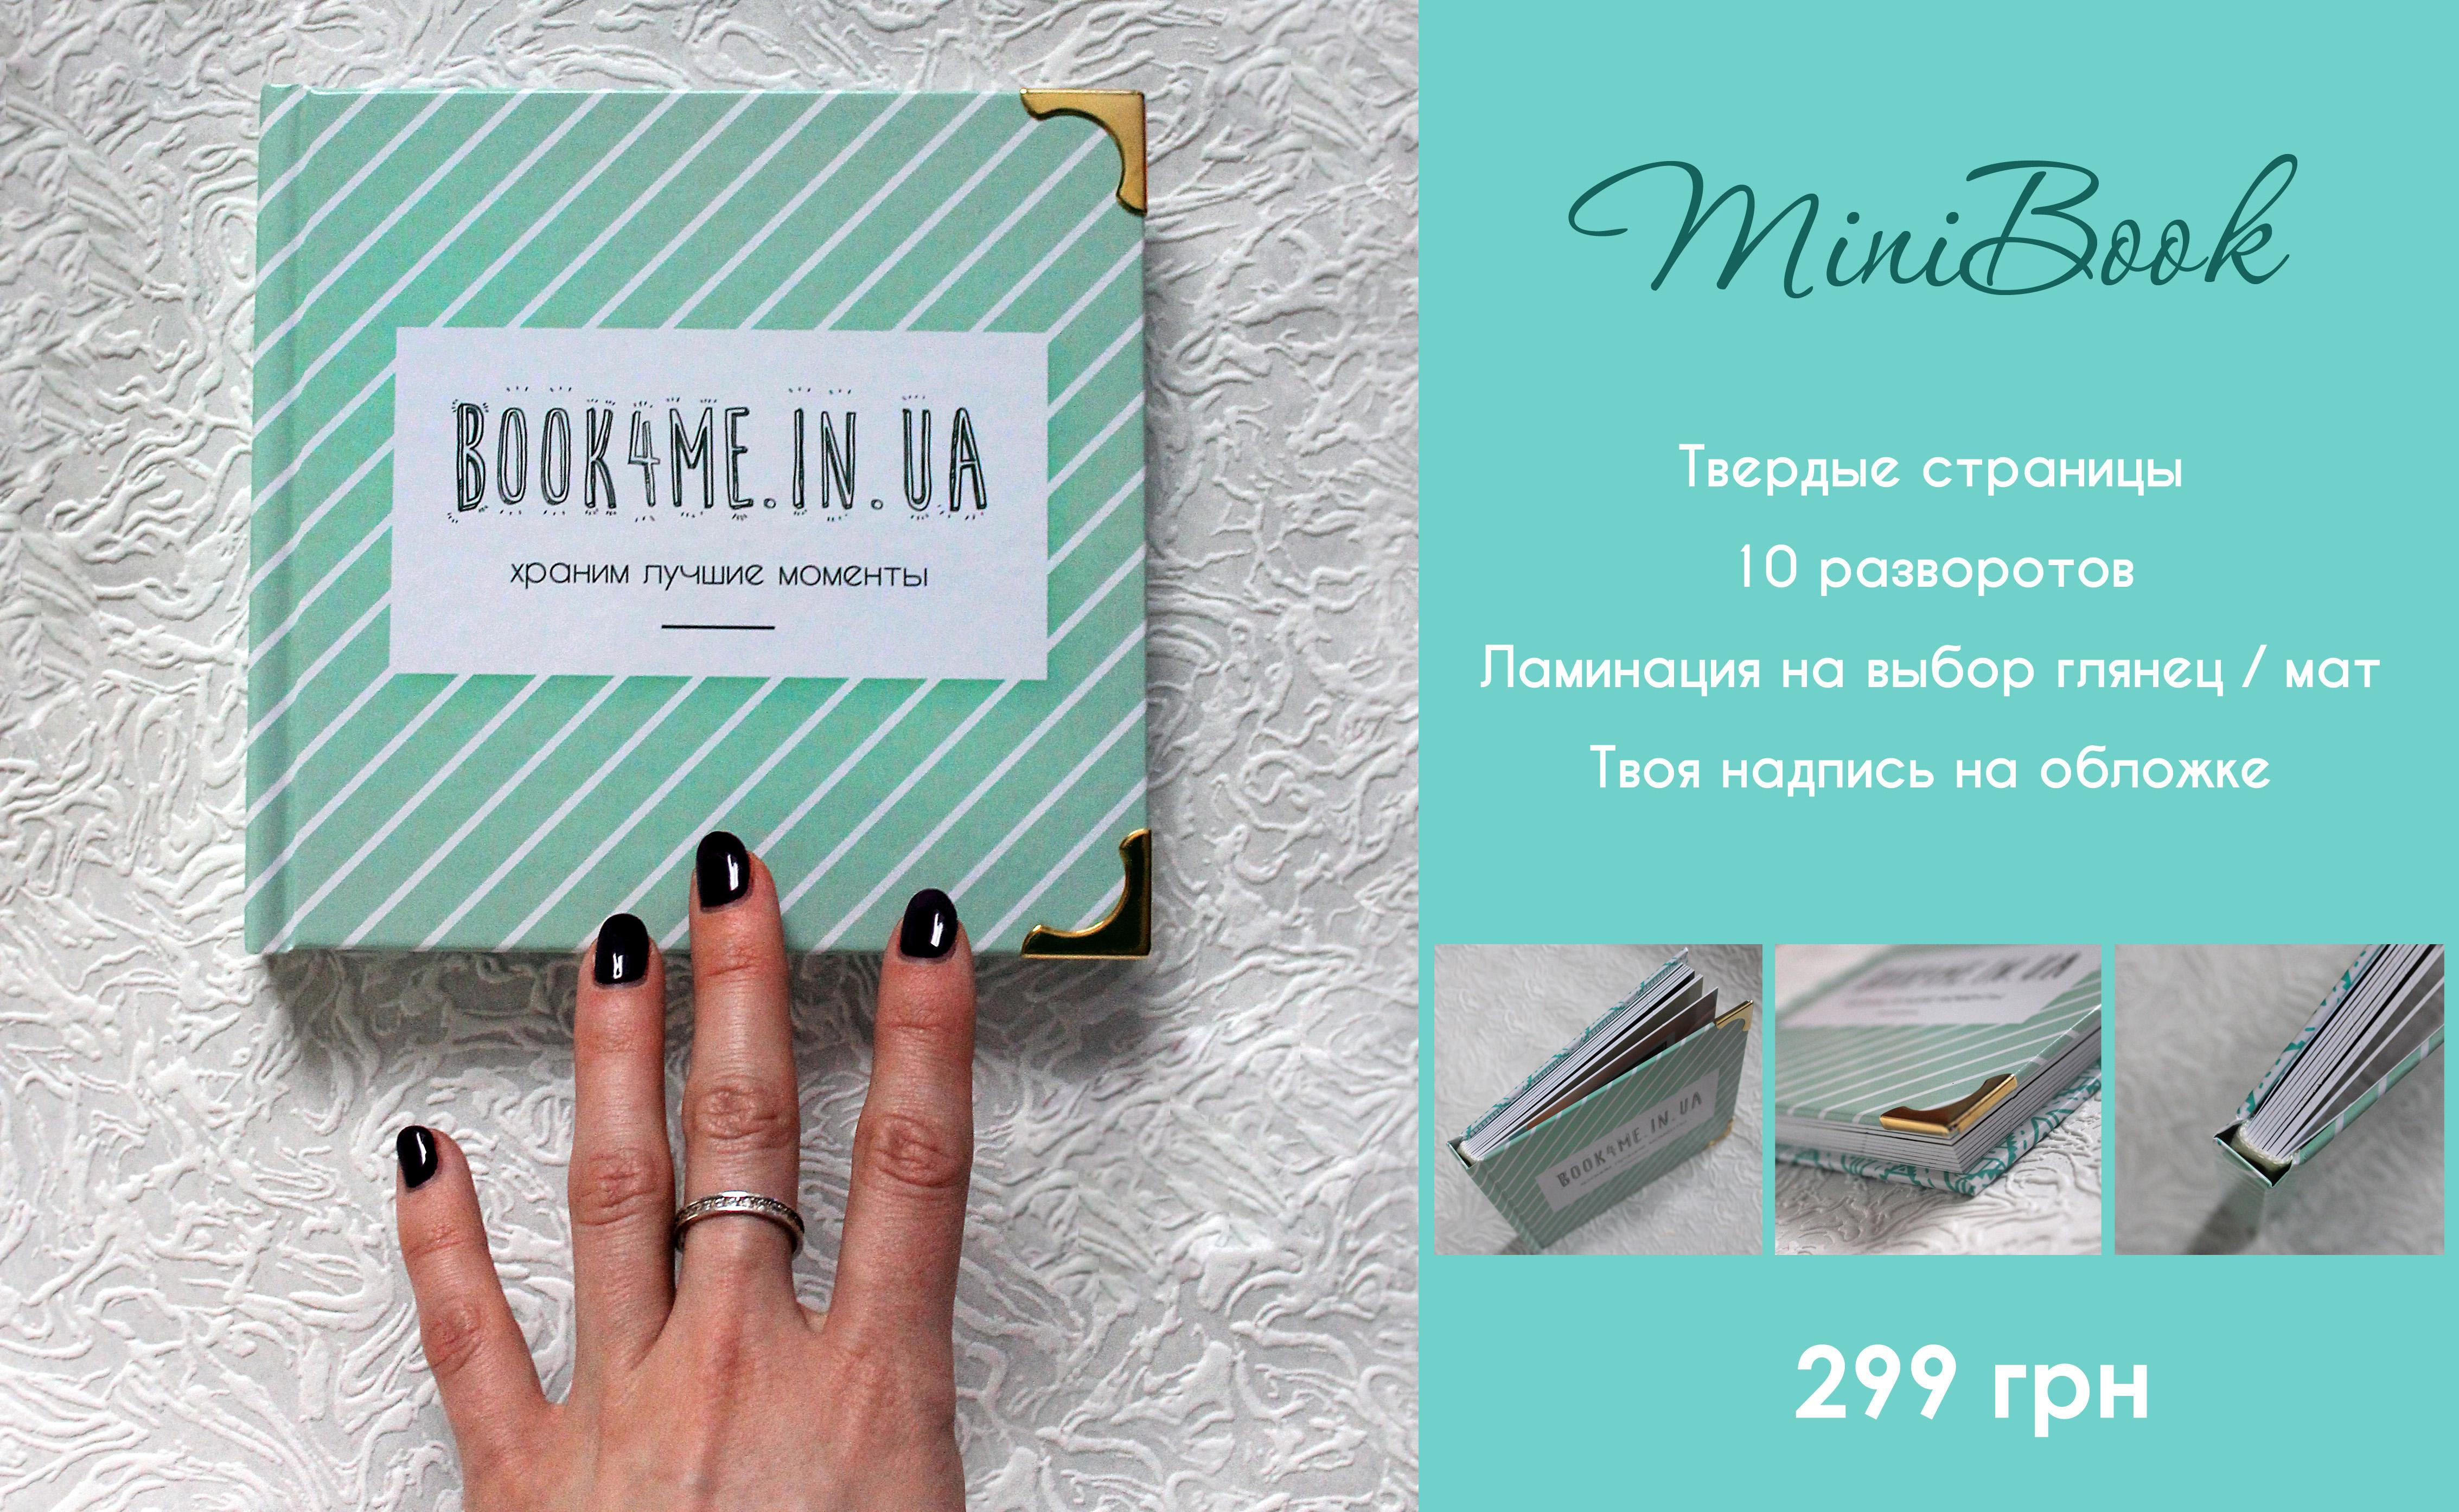 Минибук - фотокнига размером 15х15 - минифотокнига! Фотокнига Минибук - книга с твердыми страницами размером 15х15 см - Самая милая фотокнига в мире :) Добавляй свою надпись на обложке, от 10 до 15 фото